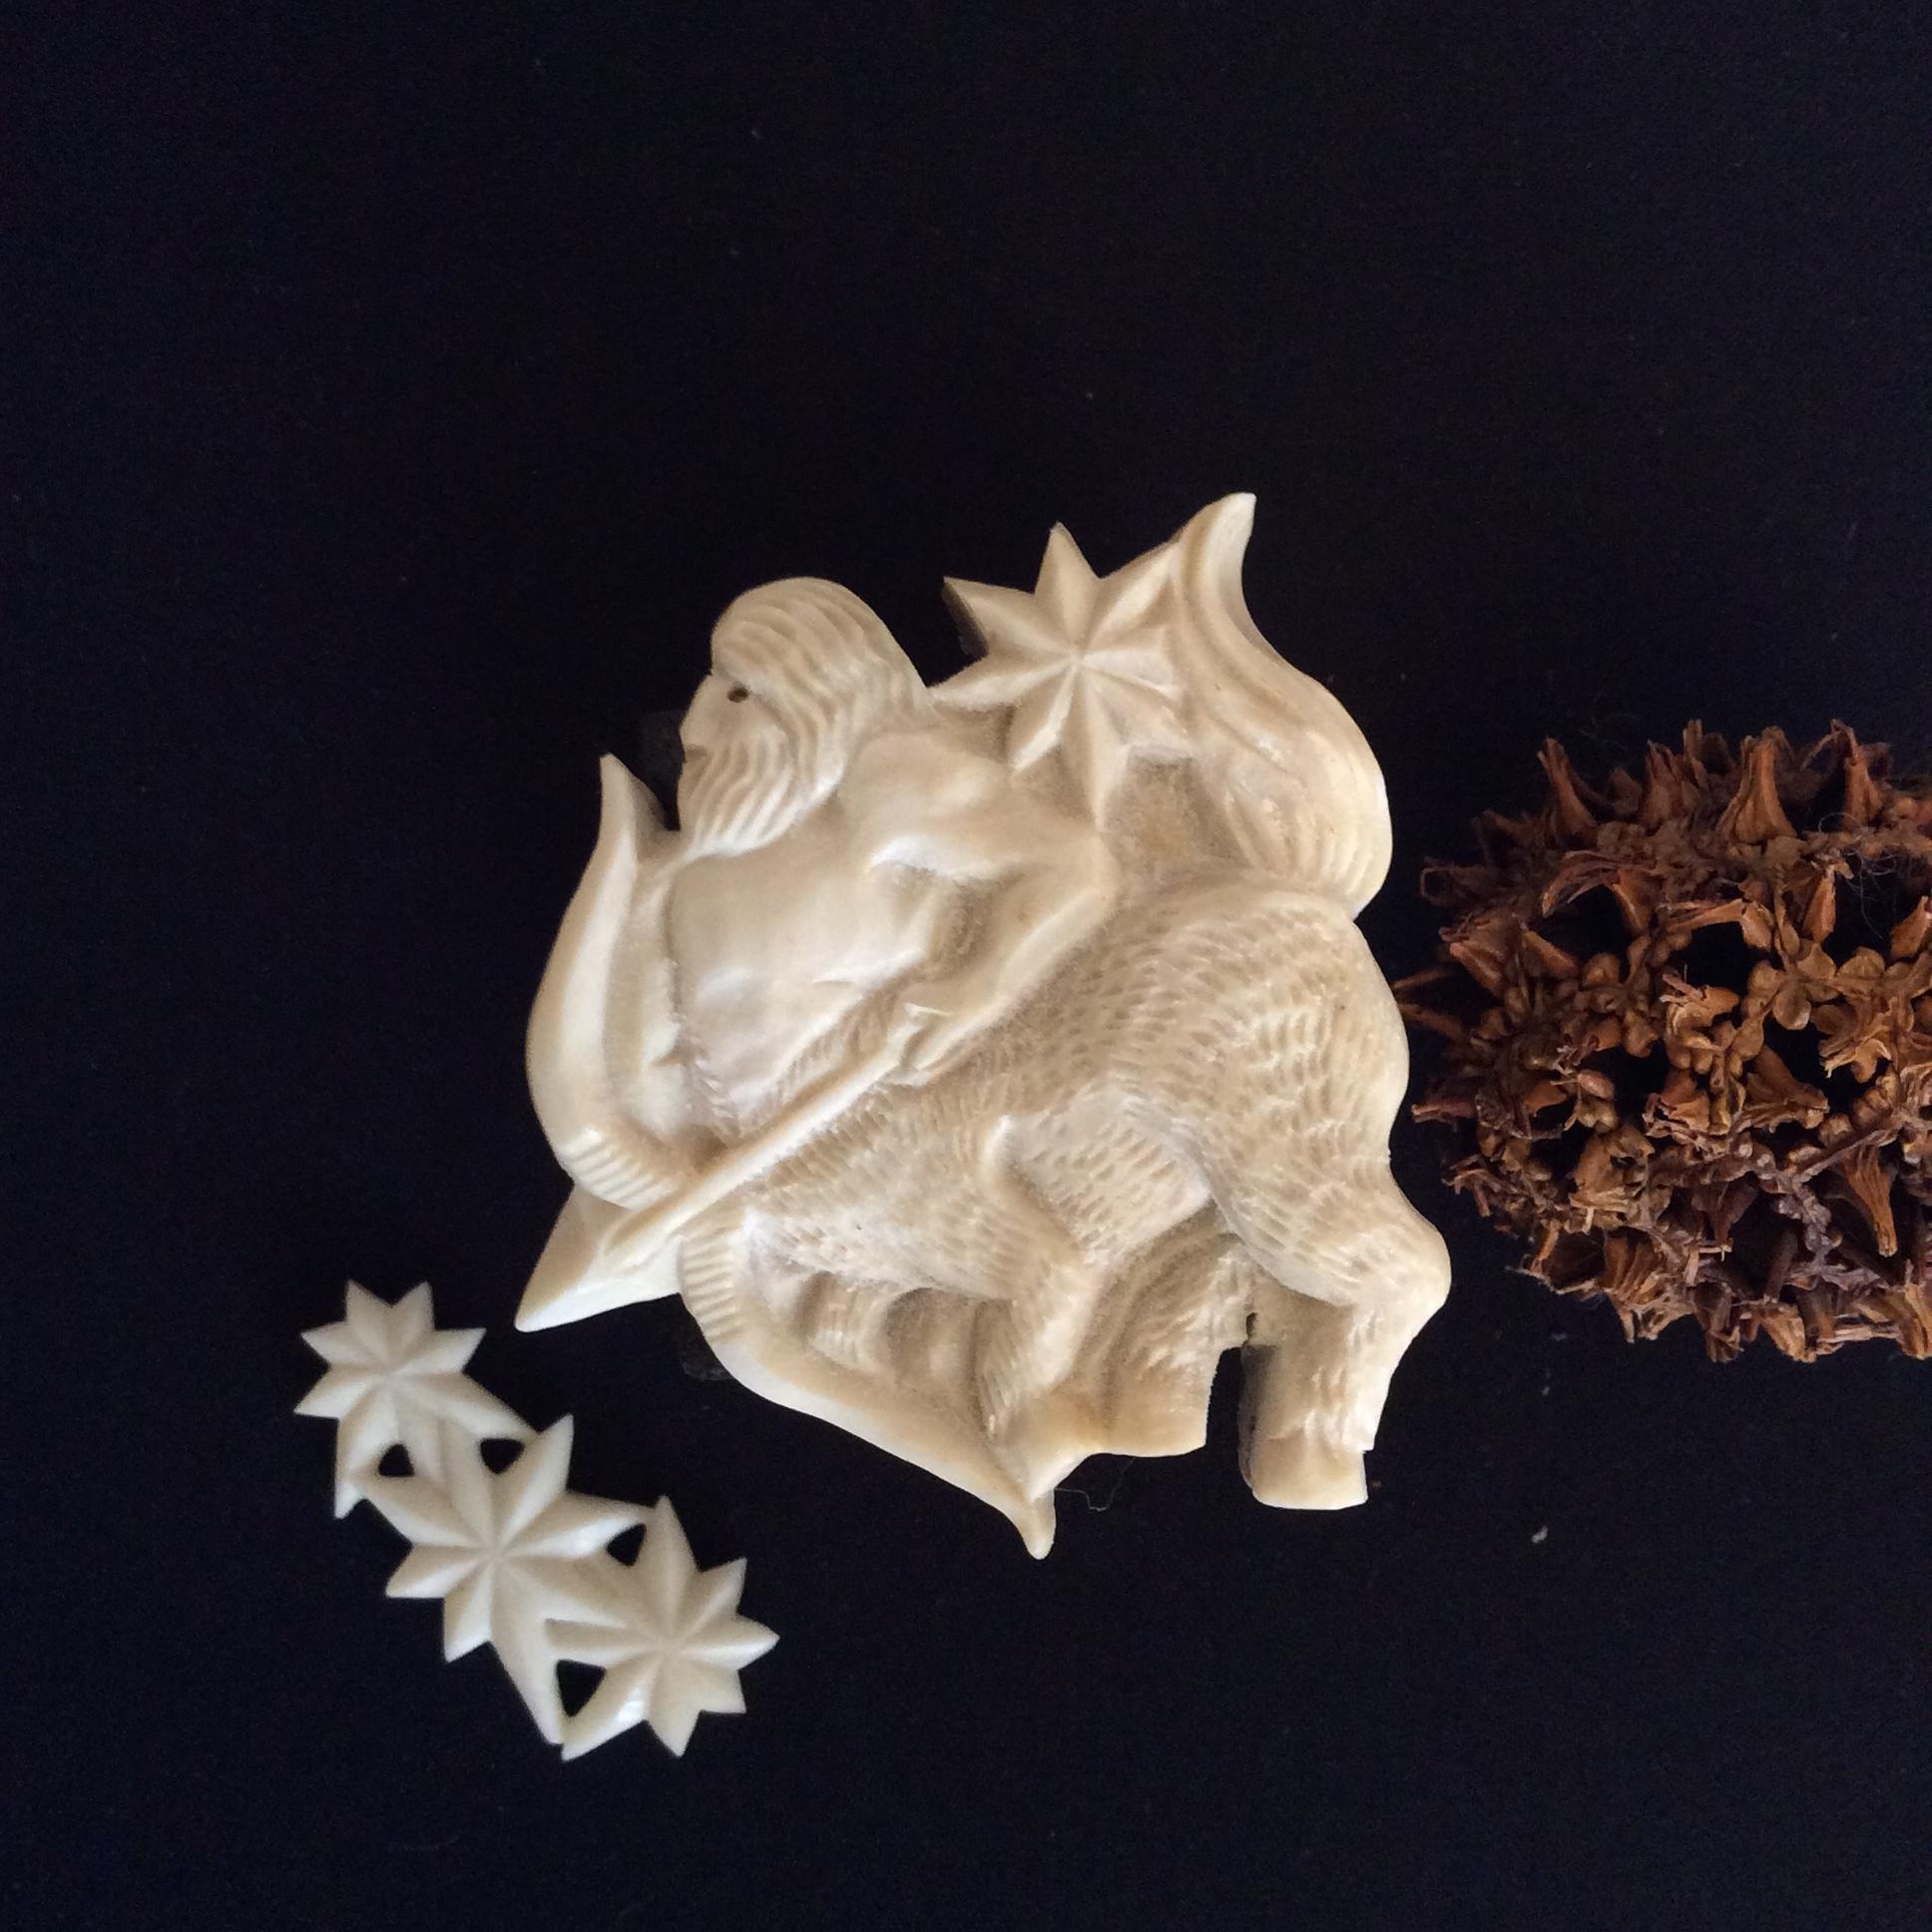 鹿骨彫刻のブローチ「sprite」ケンタウロス